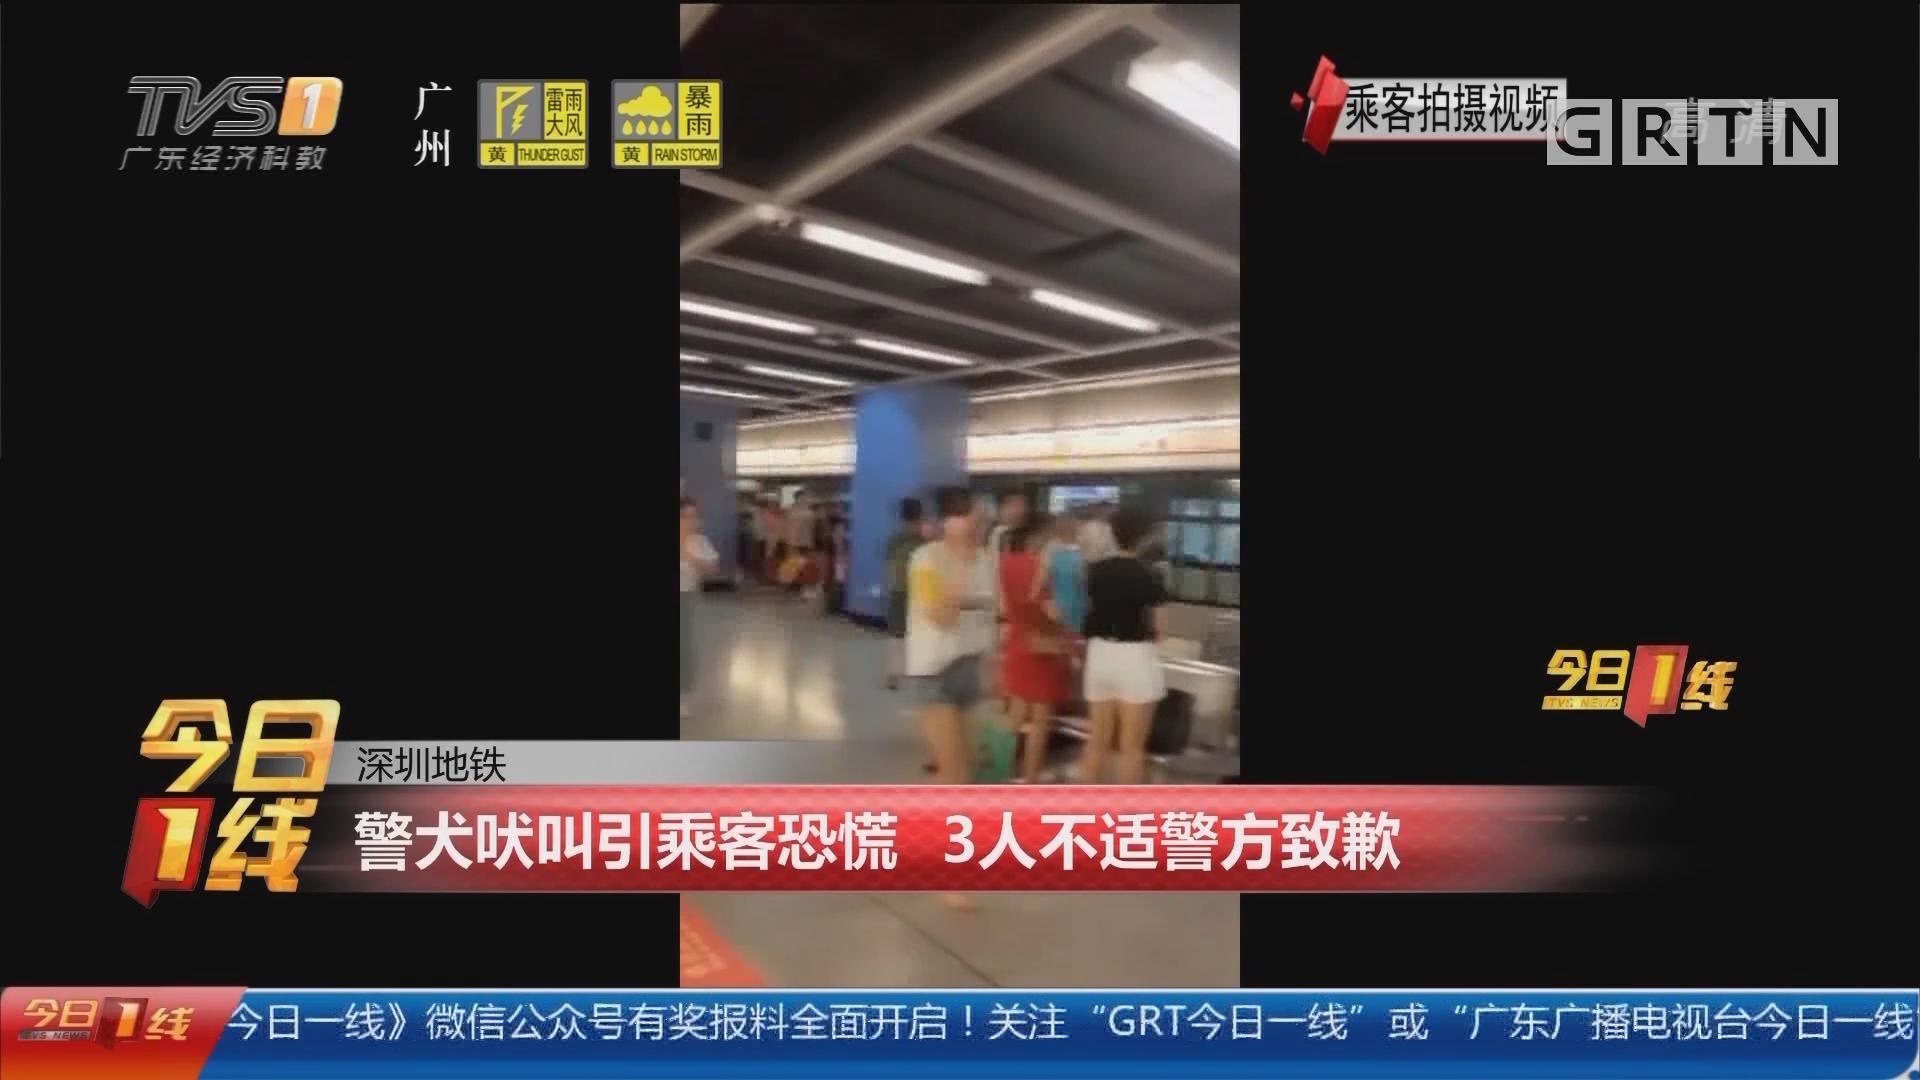 深圳地铁:警犬吠叫引乘客恐慌 3人不适警方致歉